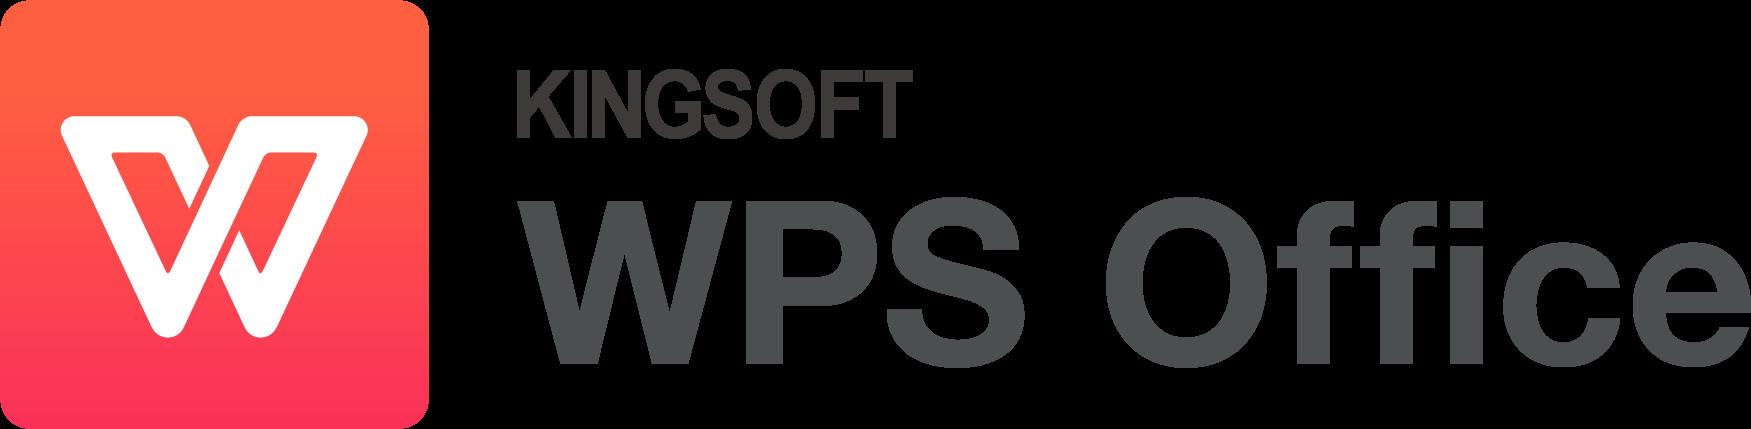 さくらのVPS for Windows Server で「WPS Office」の提供を開始しました